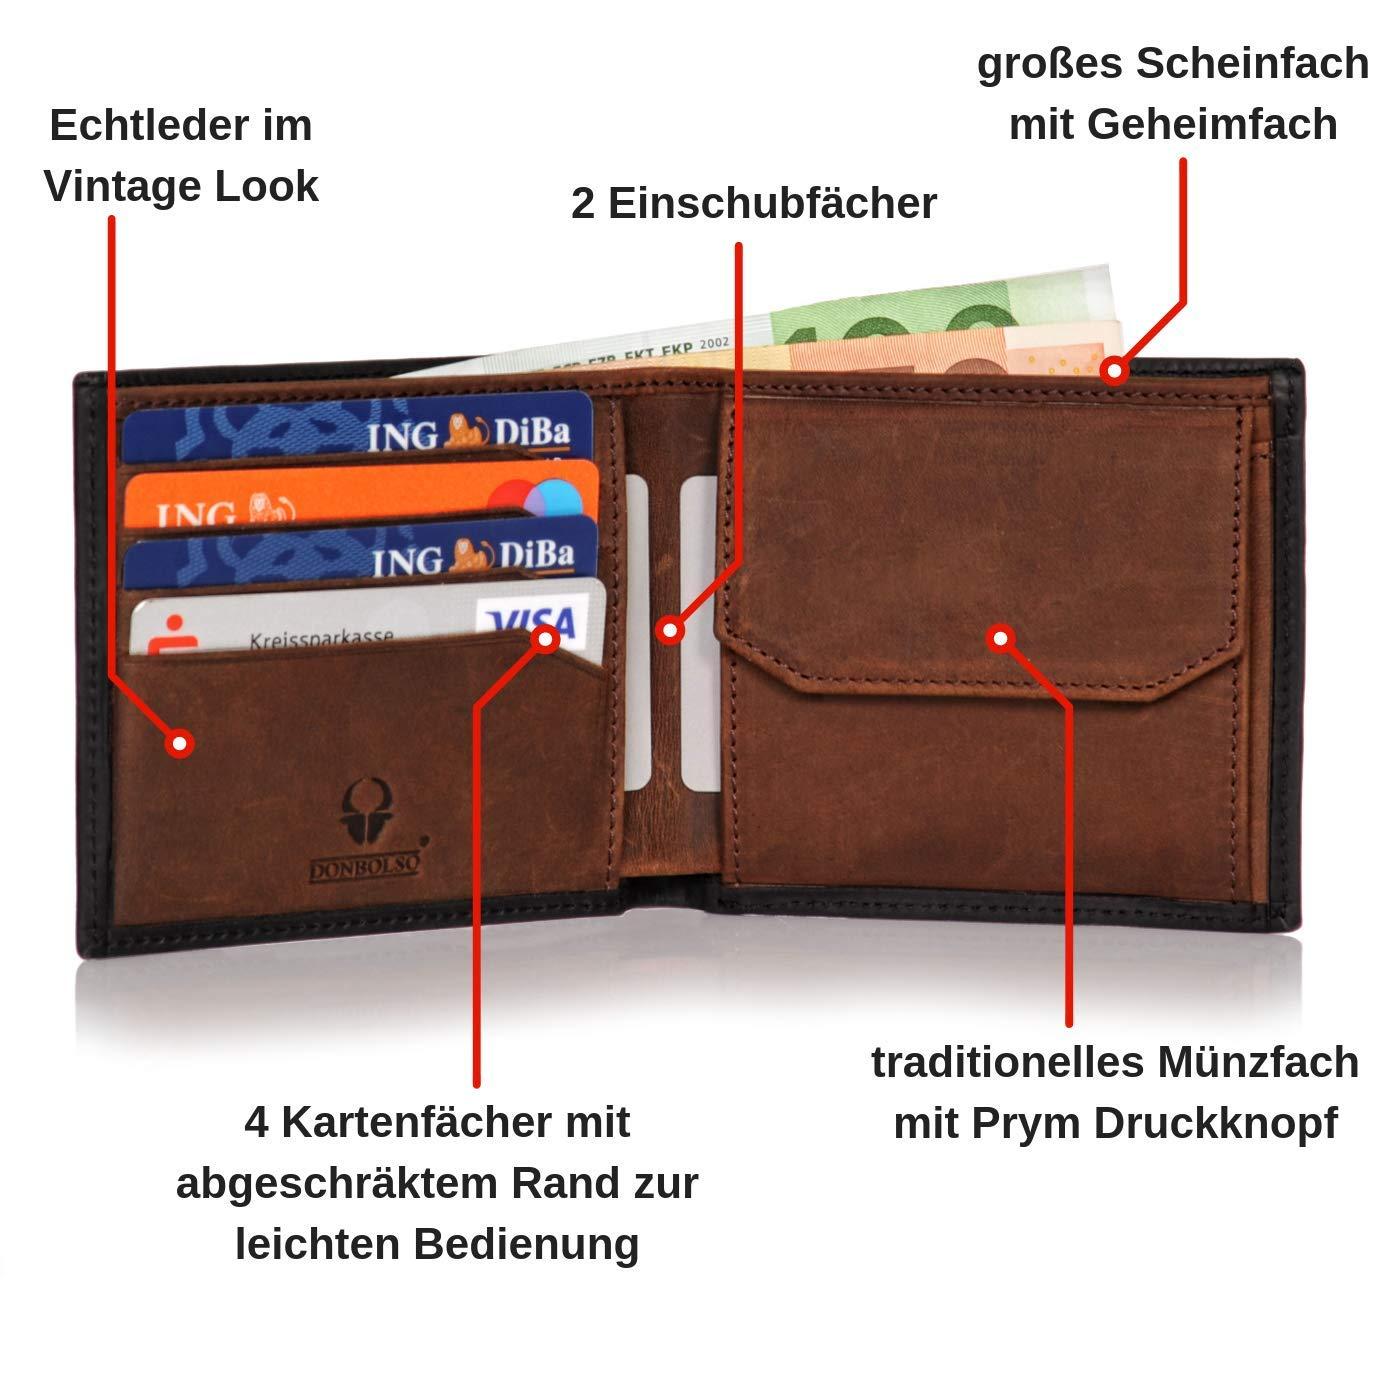 7279f91c43d16 Donbolso Herren Leder Geldbörse Sevilla - Klassisches Portemonnaie für  Männer - Wallet mit Geheimfach - Geldbeutel mit RFID Schutz  Amazon.de   Koffer